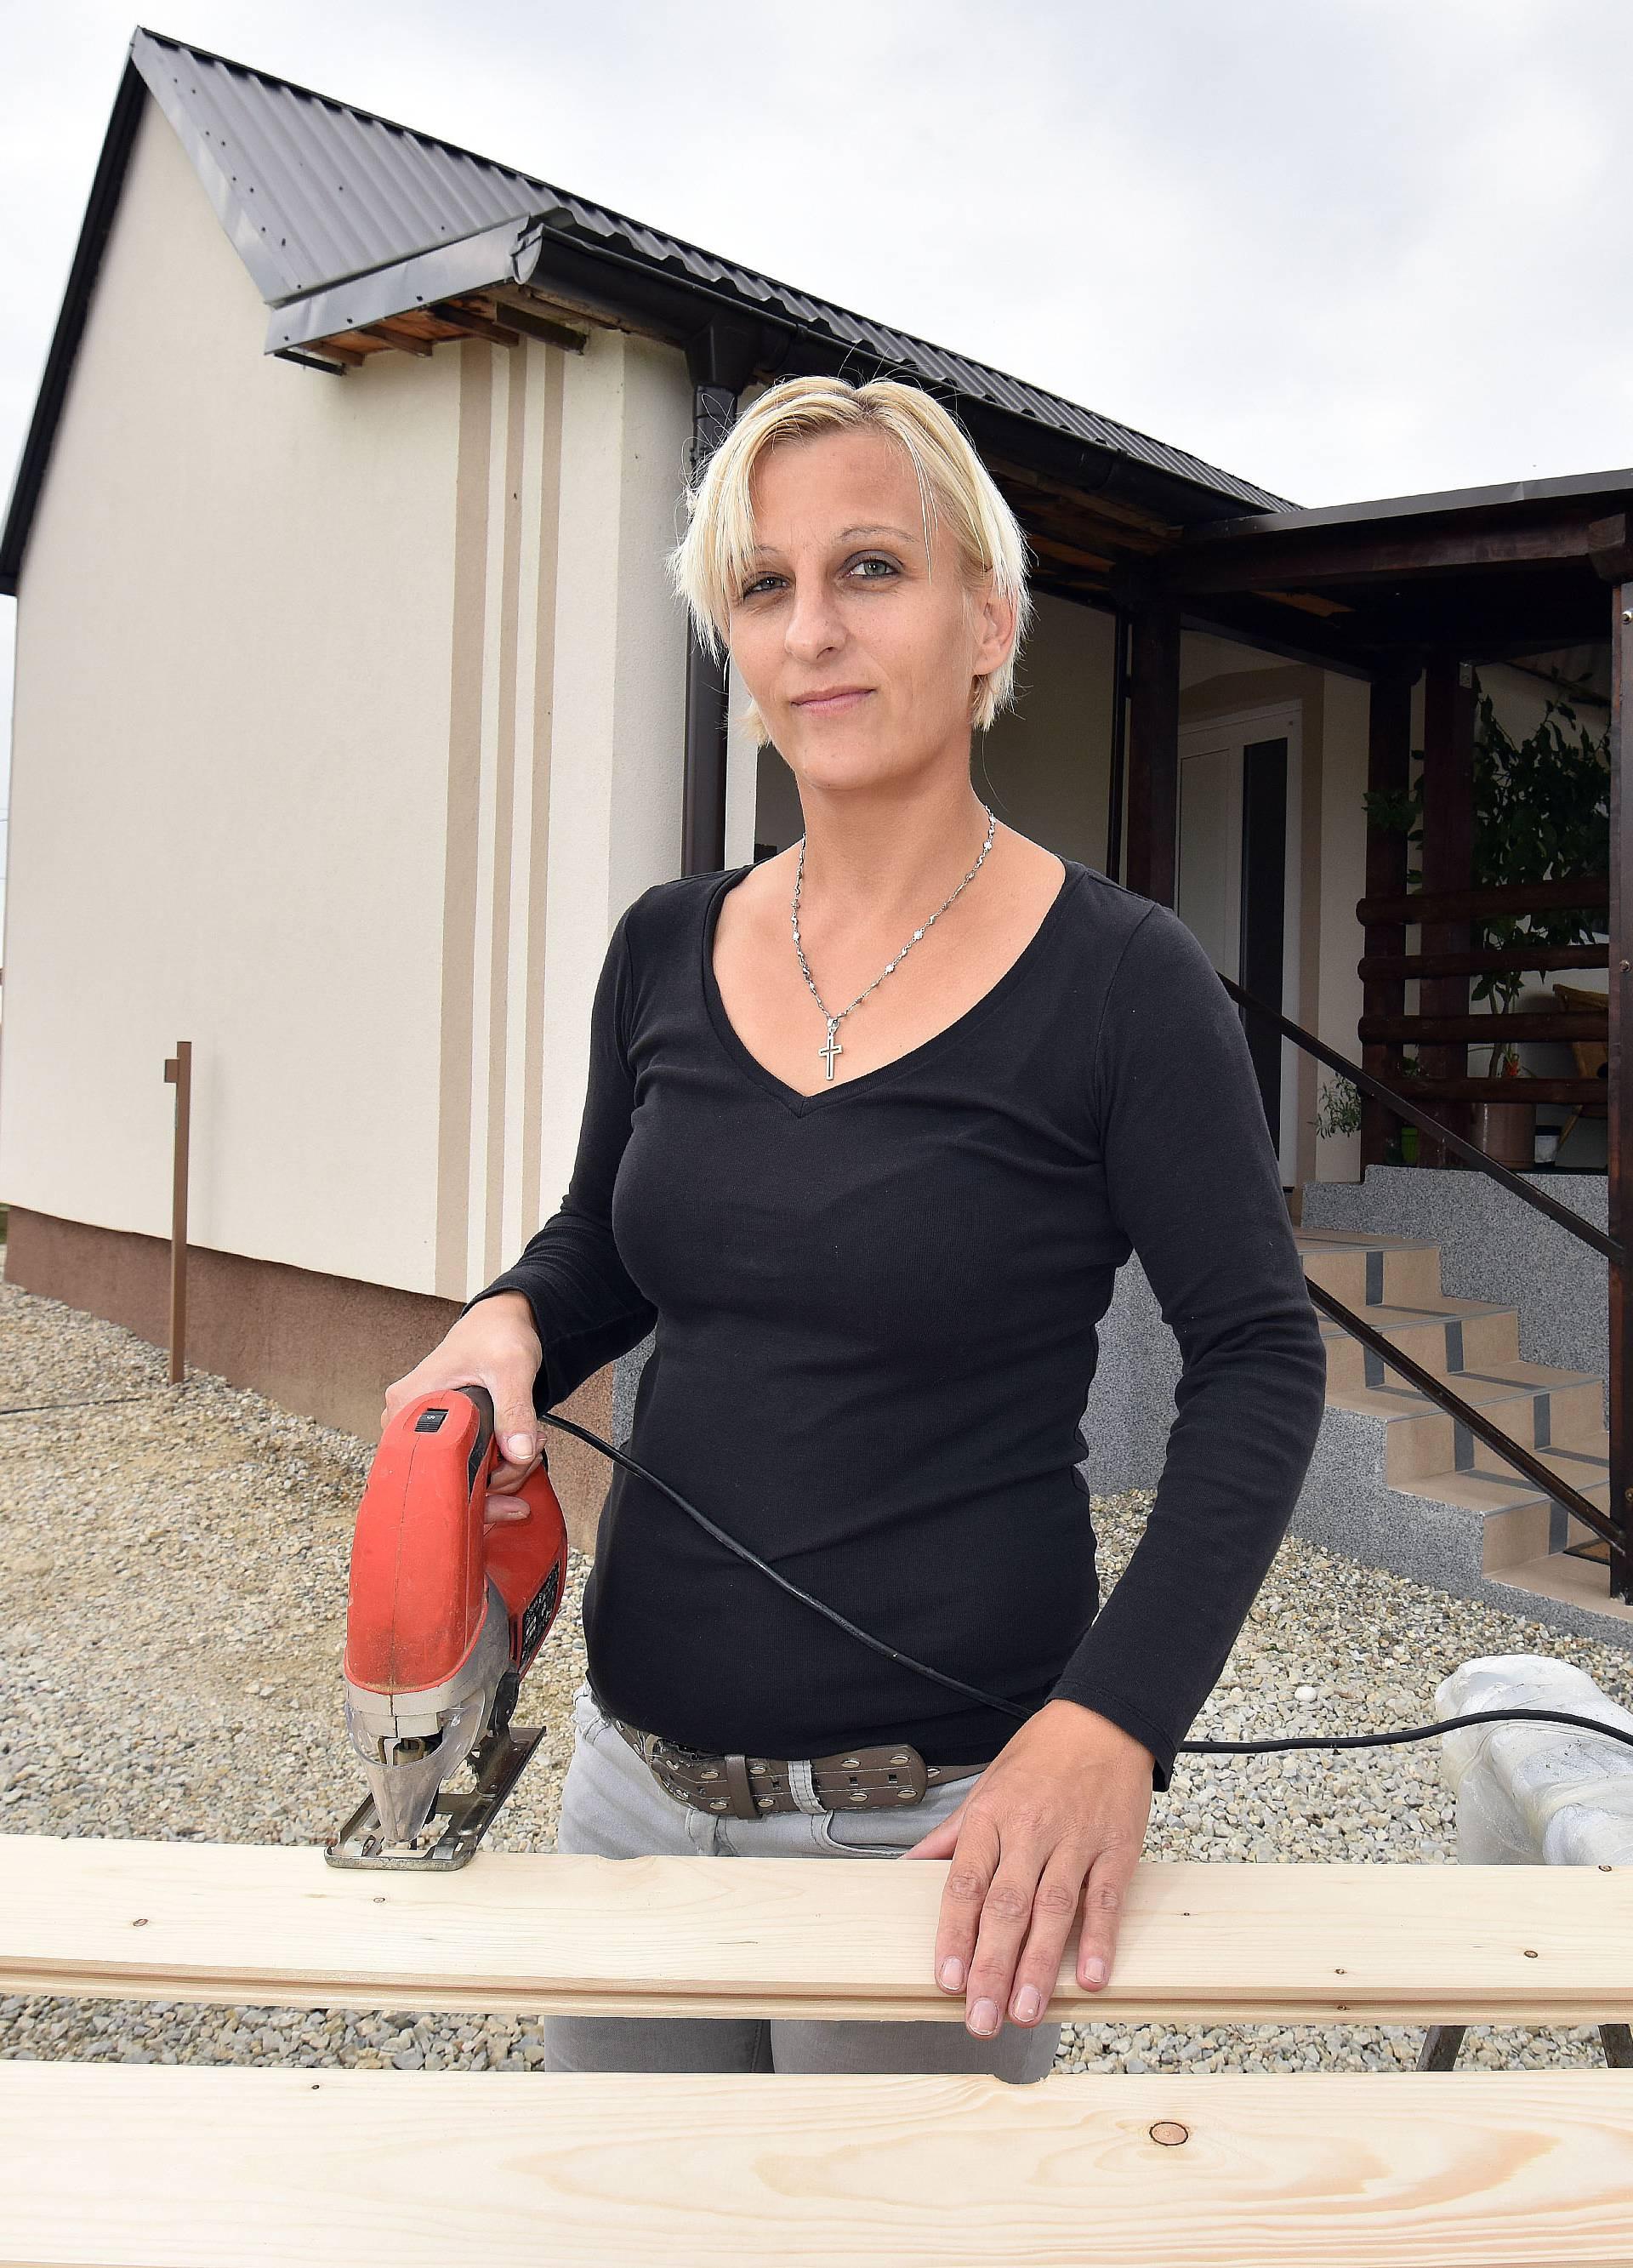 Pili, 'štema'...: 'Nakon razvoda sama sam obnovila 80% kuće'